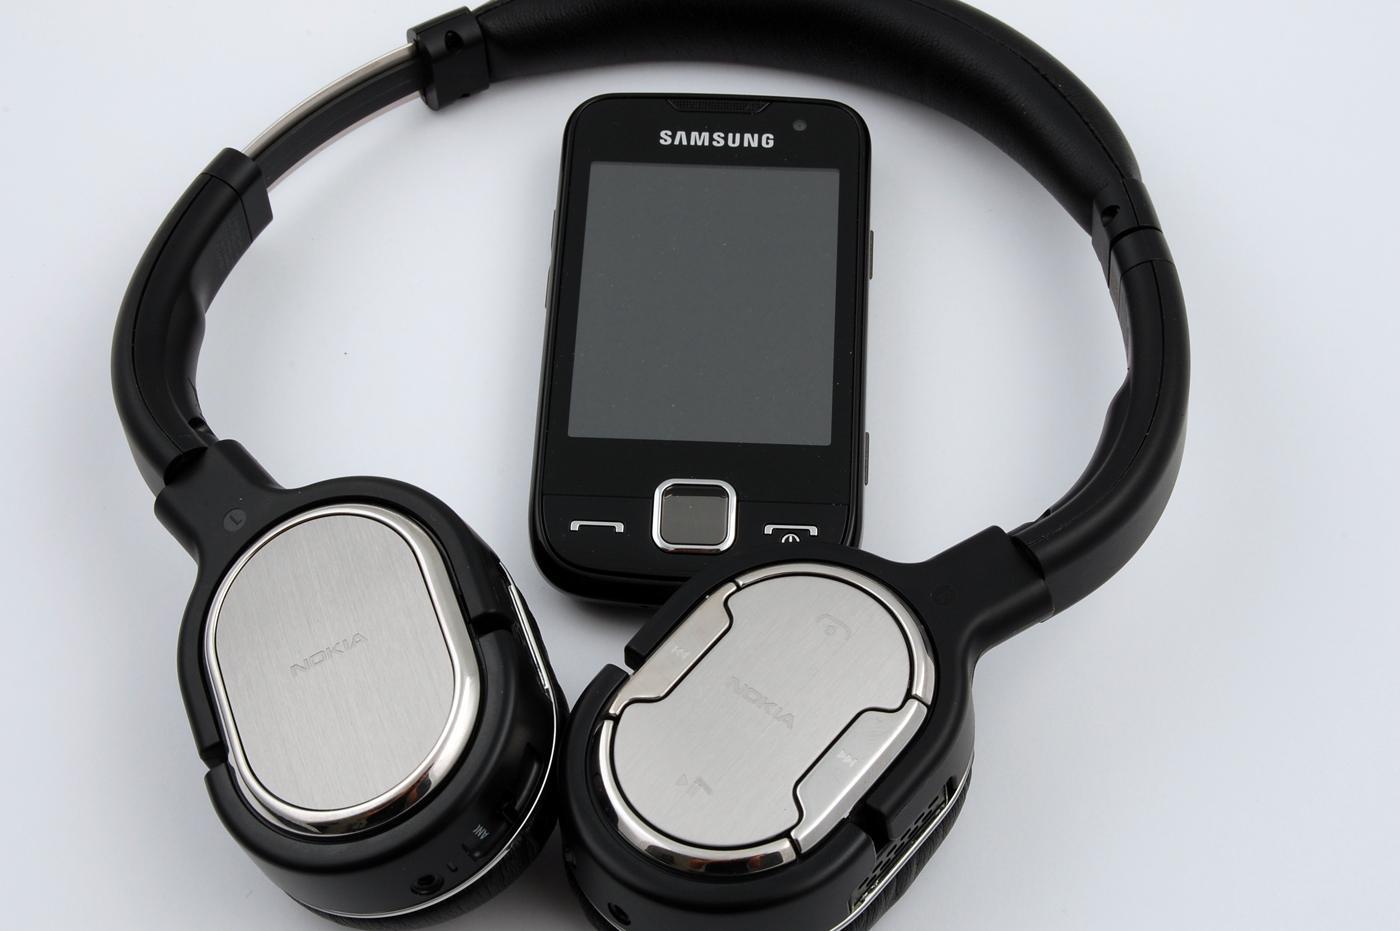 BH-905 kan kobles til de fleste mobiler via Bluetooth A2DP, samt mobiler, MP3-spillere og annet med standard lydutganger. (Alle foto: Einar Eriksen)